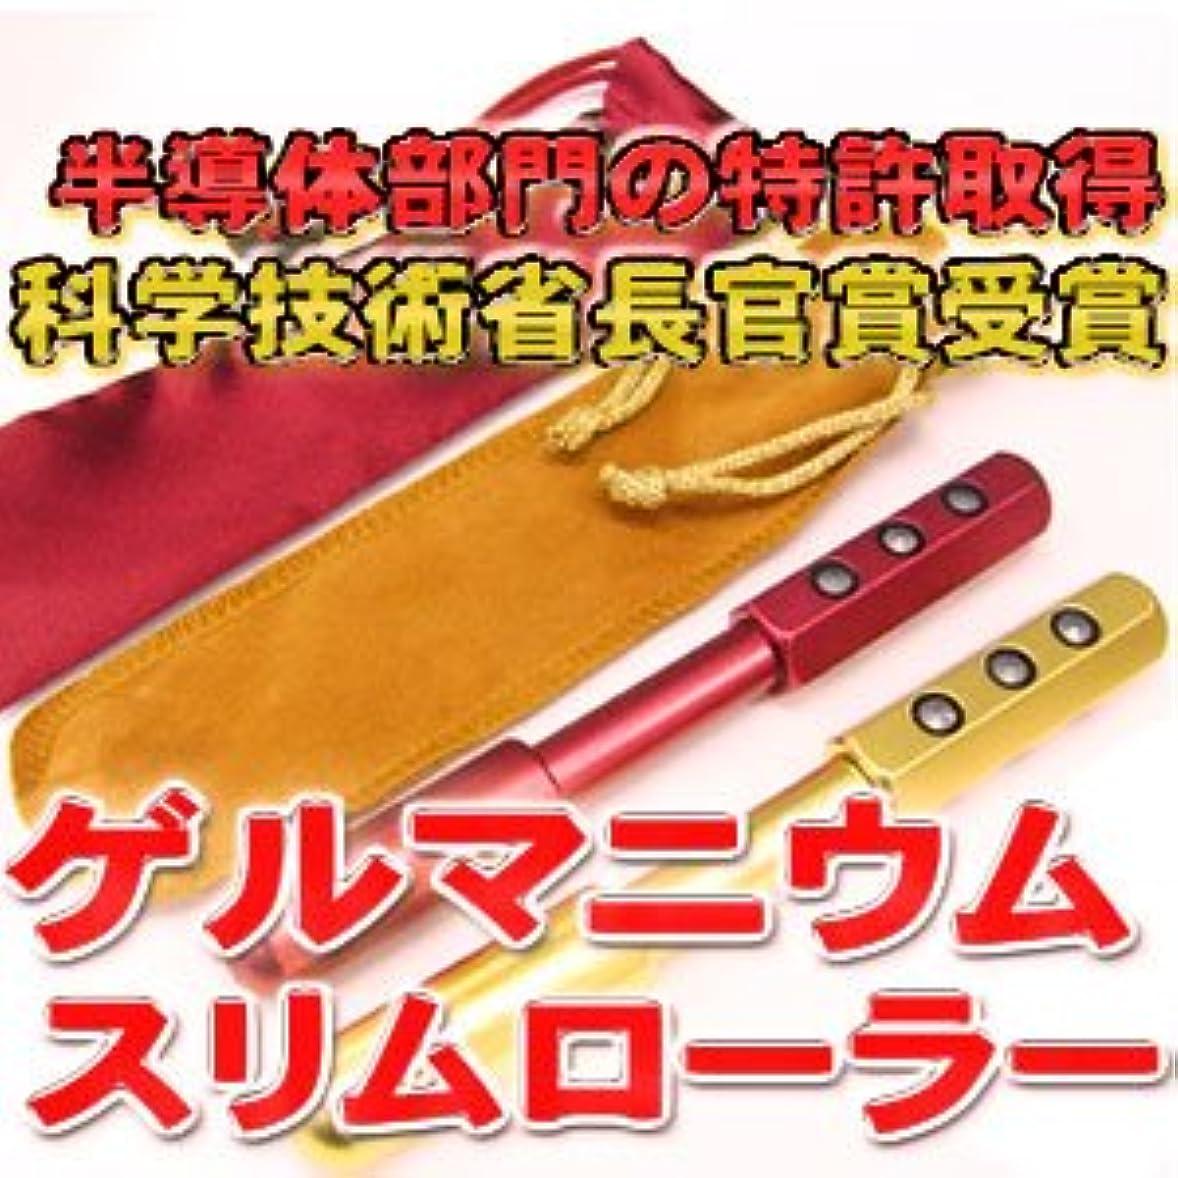 写真撮影柔らかさ竜巻ゲルマニウムスリムローラー (半導体ビューティーローラー)(フェイスバージョン) ピンク